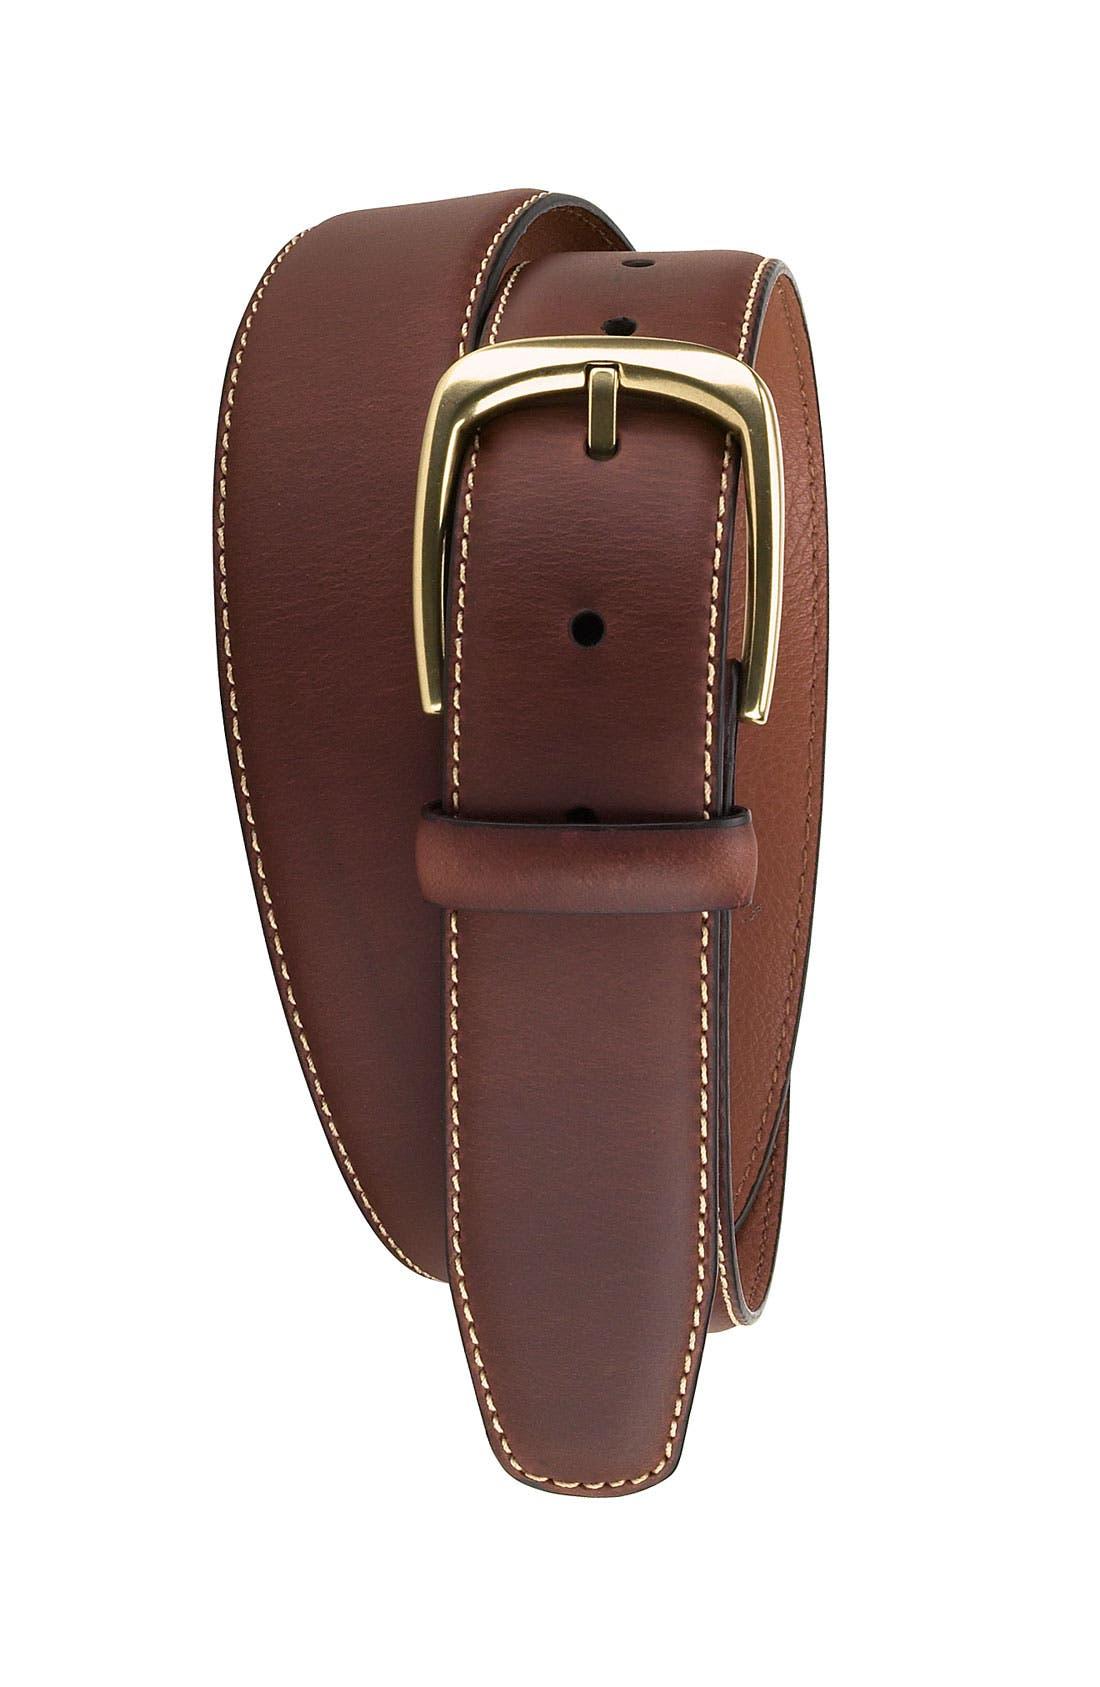 Alternate Image 1 Selected - Cole Haan 'Waylen' Leather Belt